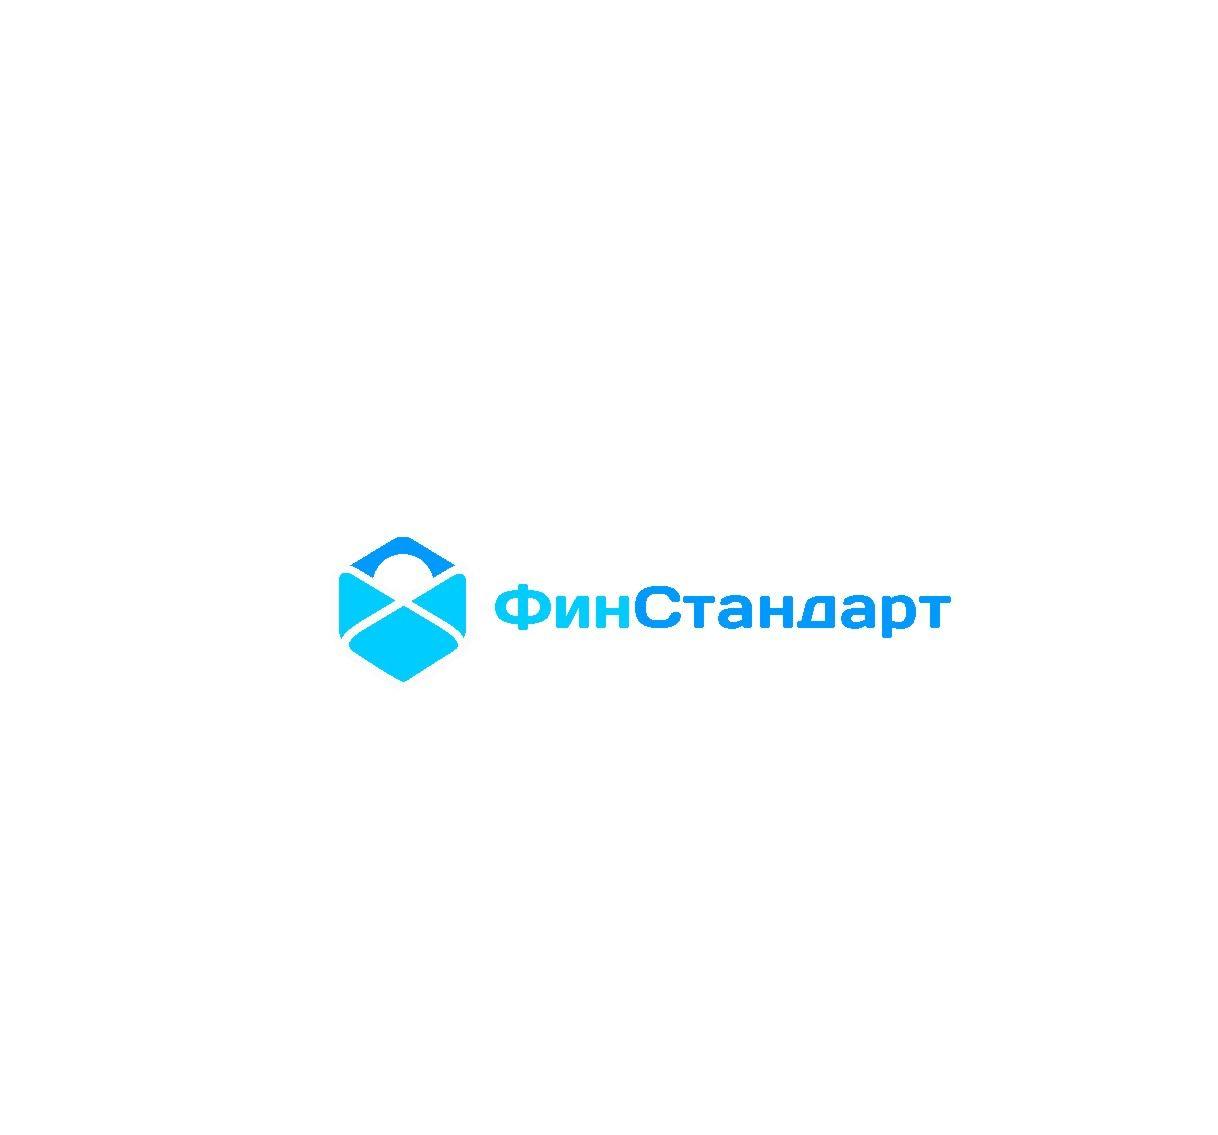 Лого и ФС для ФинСтандарт - дизайнер radchuk-ruslan